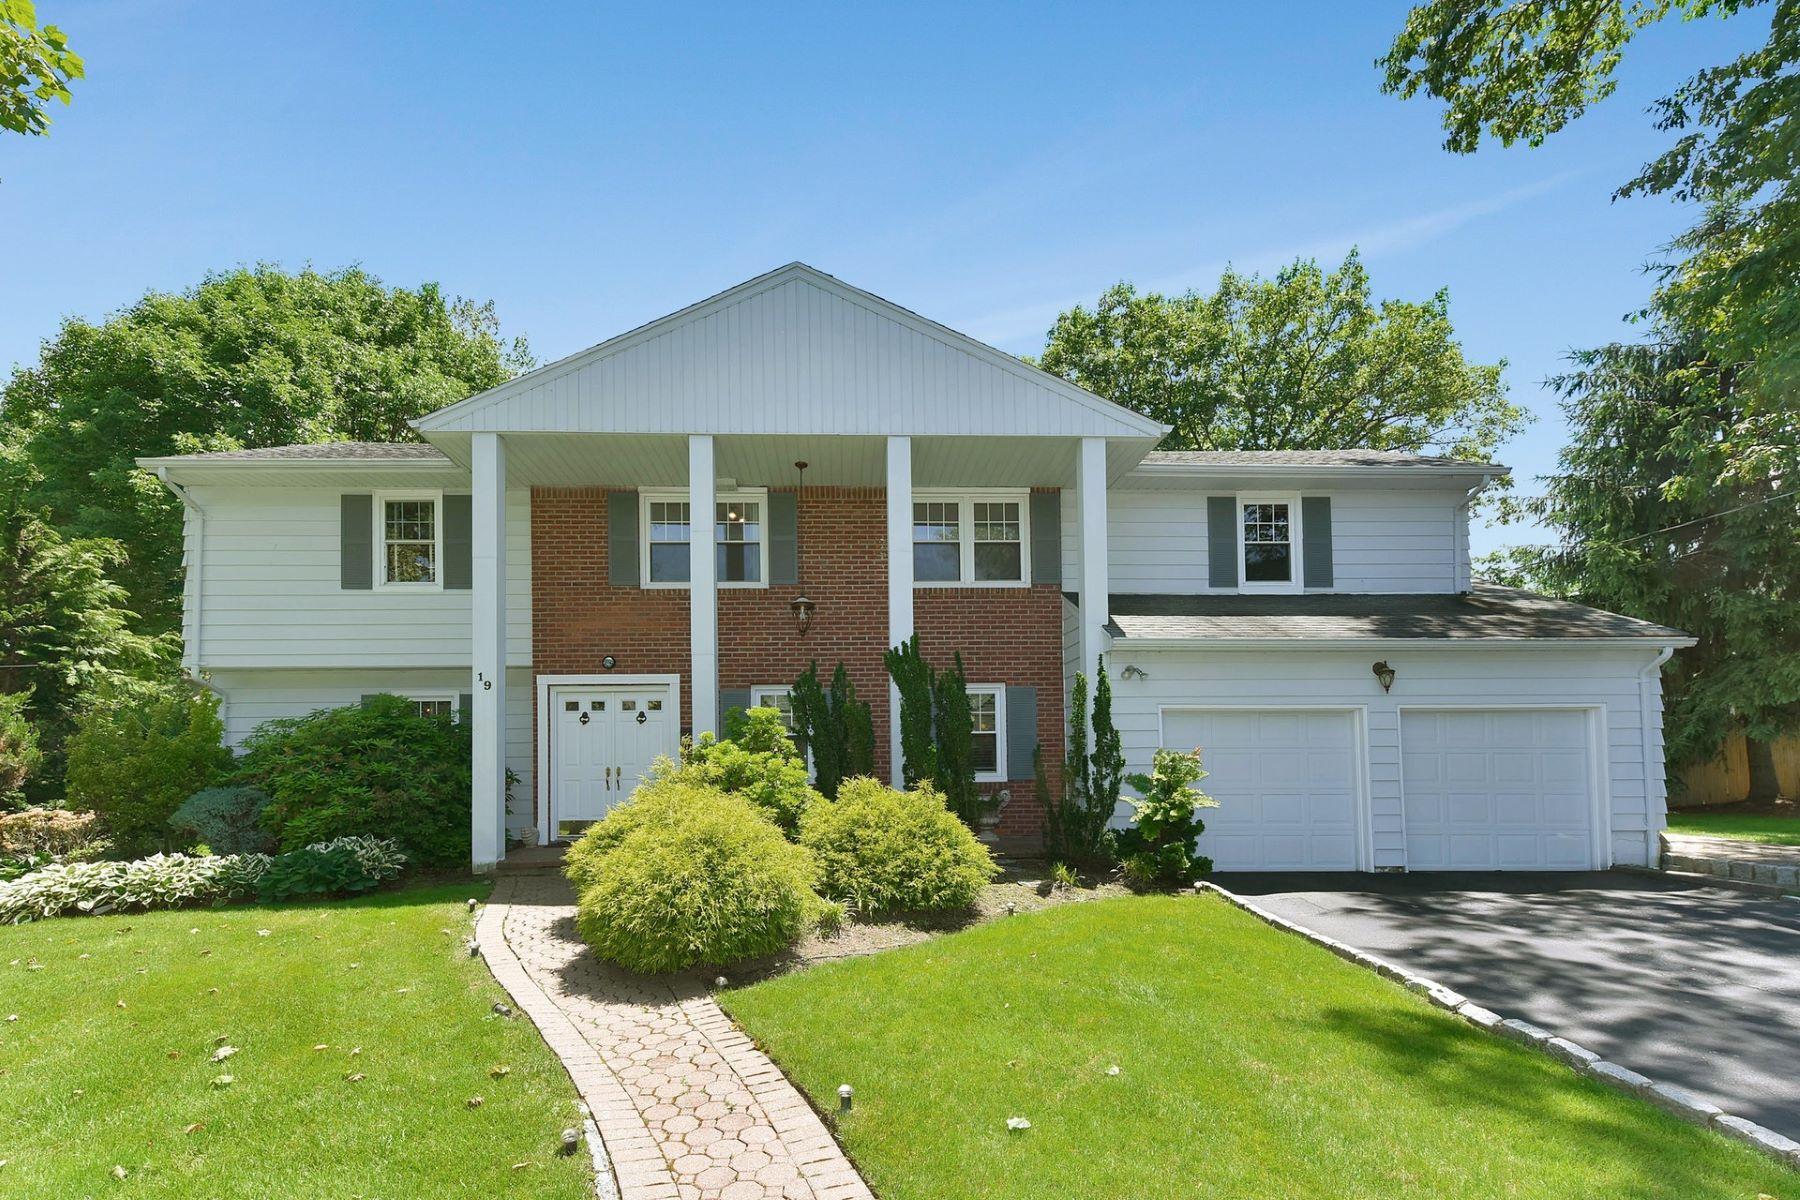 Maison unifamiliale pour l Vente à Location! Location! 19 Carol Drive, Englewood Cliffs, New Jersey 07632 États-Unis